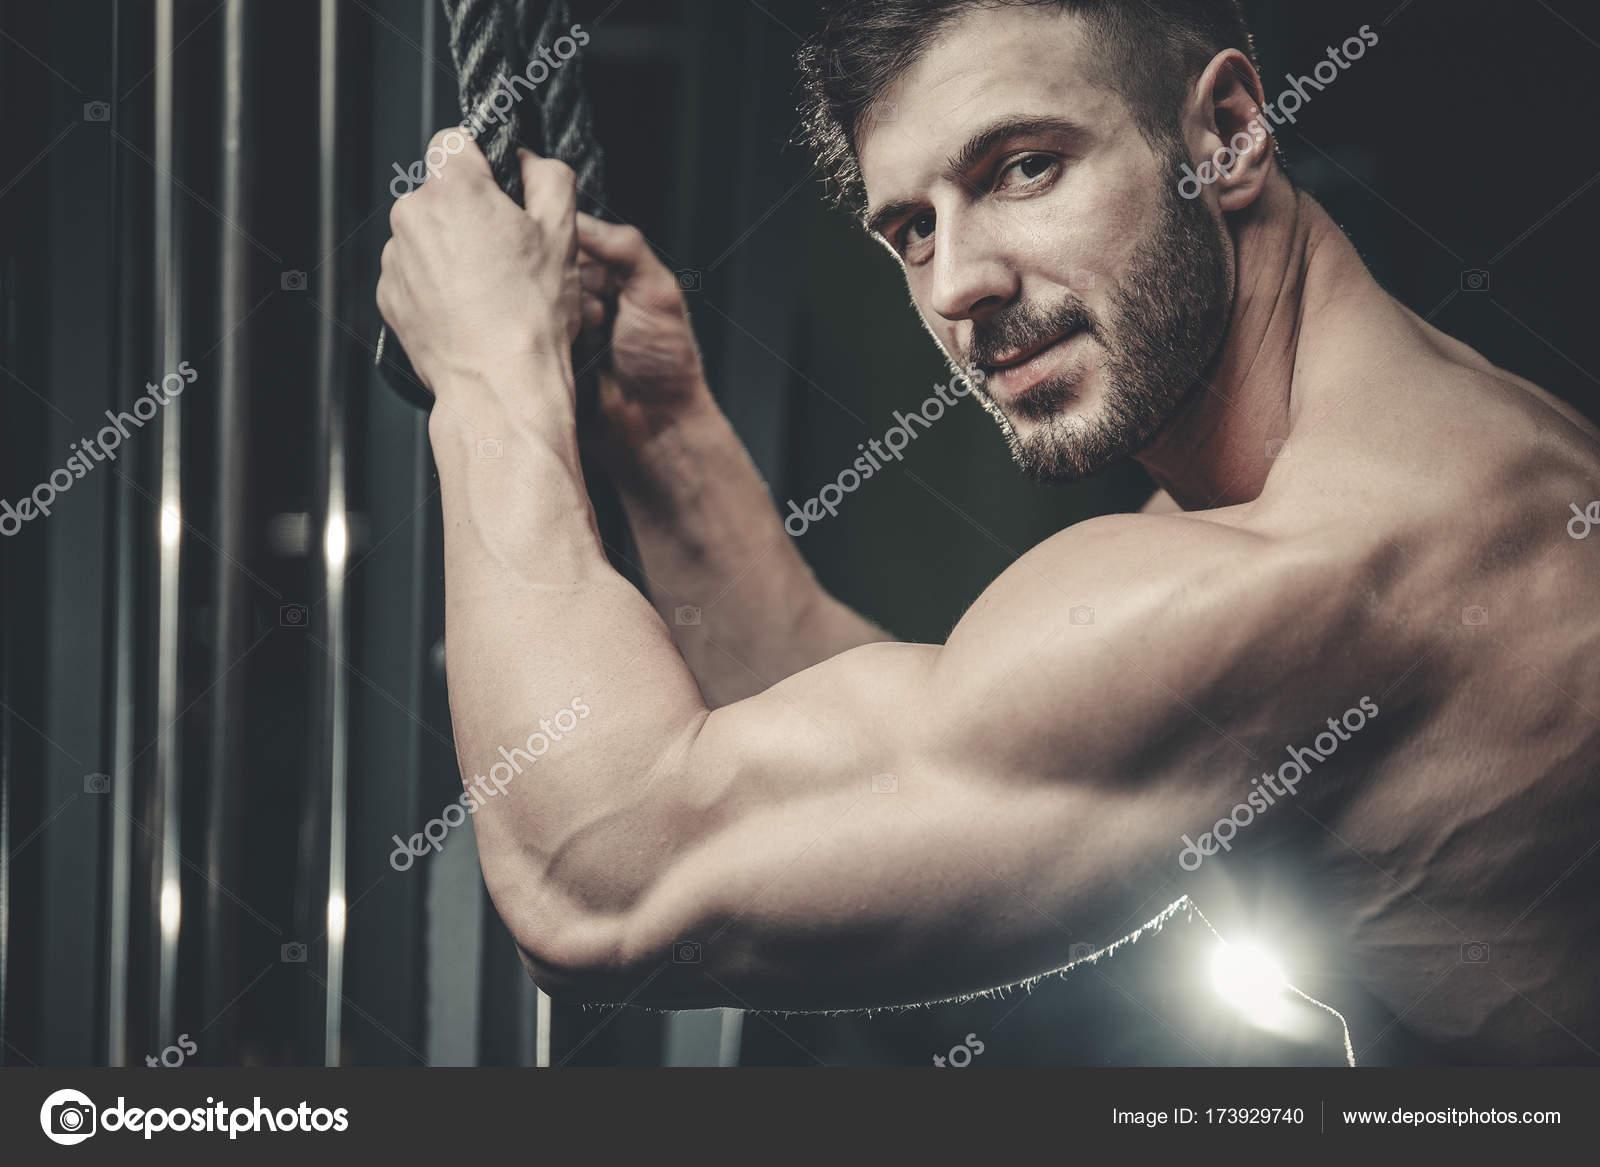 Bel homme musclé de Caucasiens d apparence modèle travaillant les bras  formation gym prendre du poids 652f29725f8